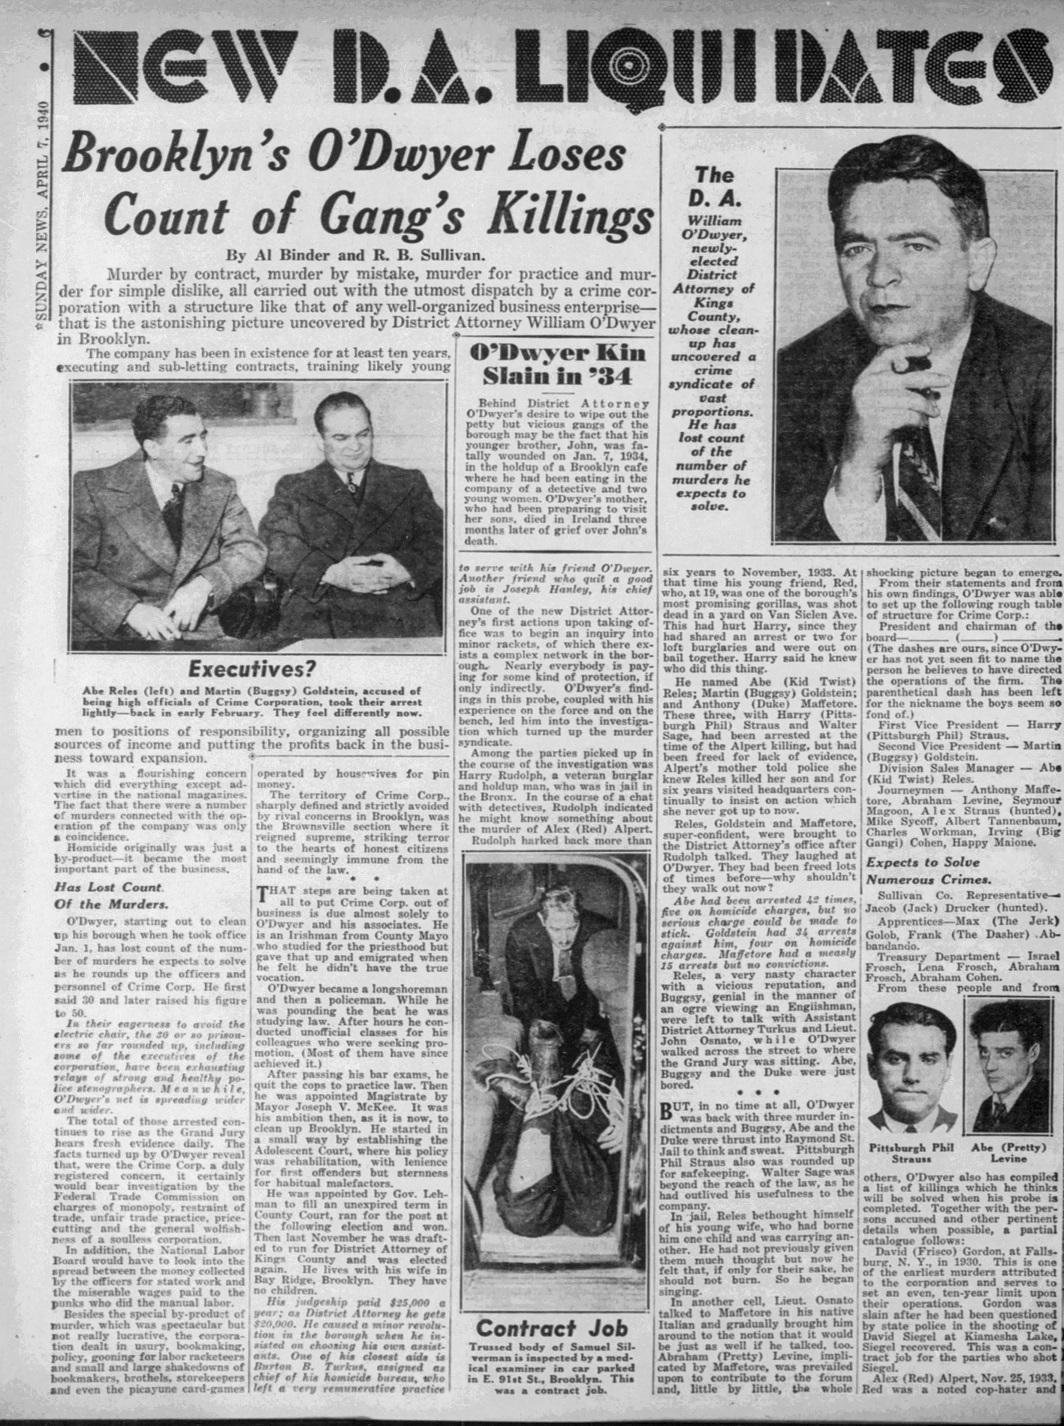 Daily_News_Sun__Apr_7__1940_.jpg